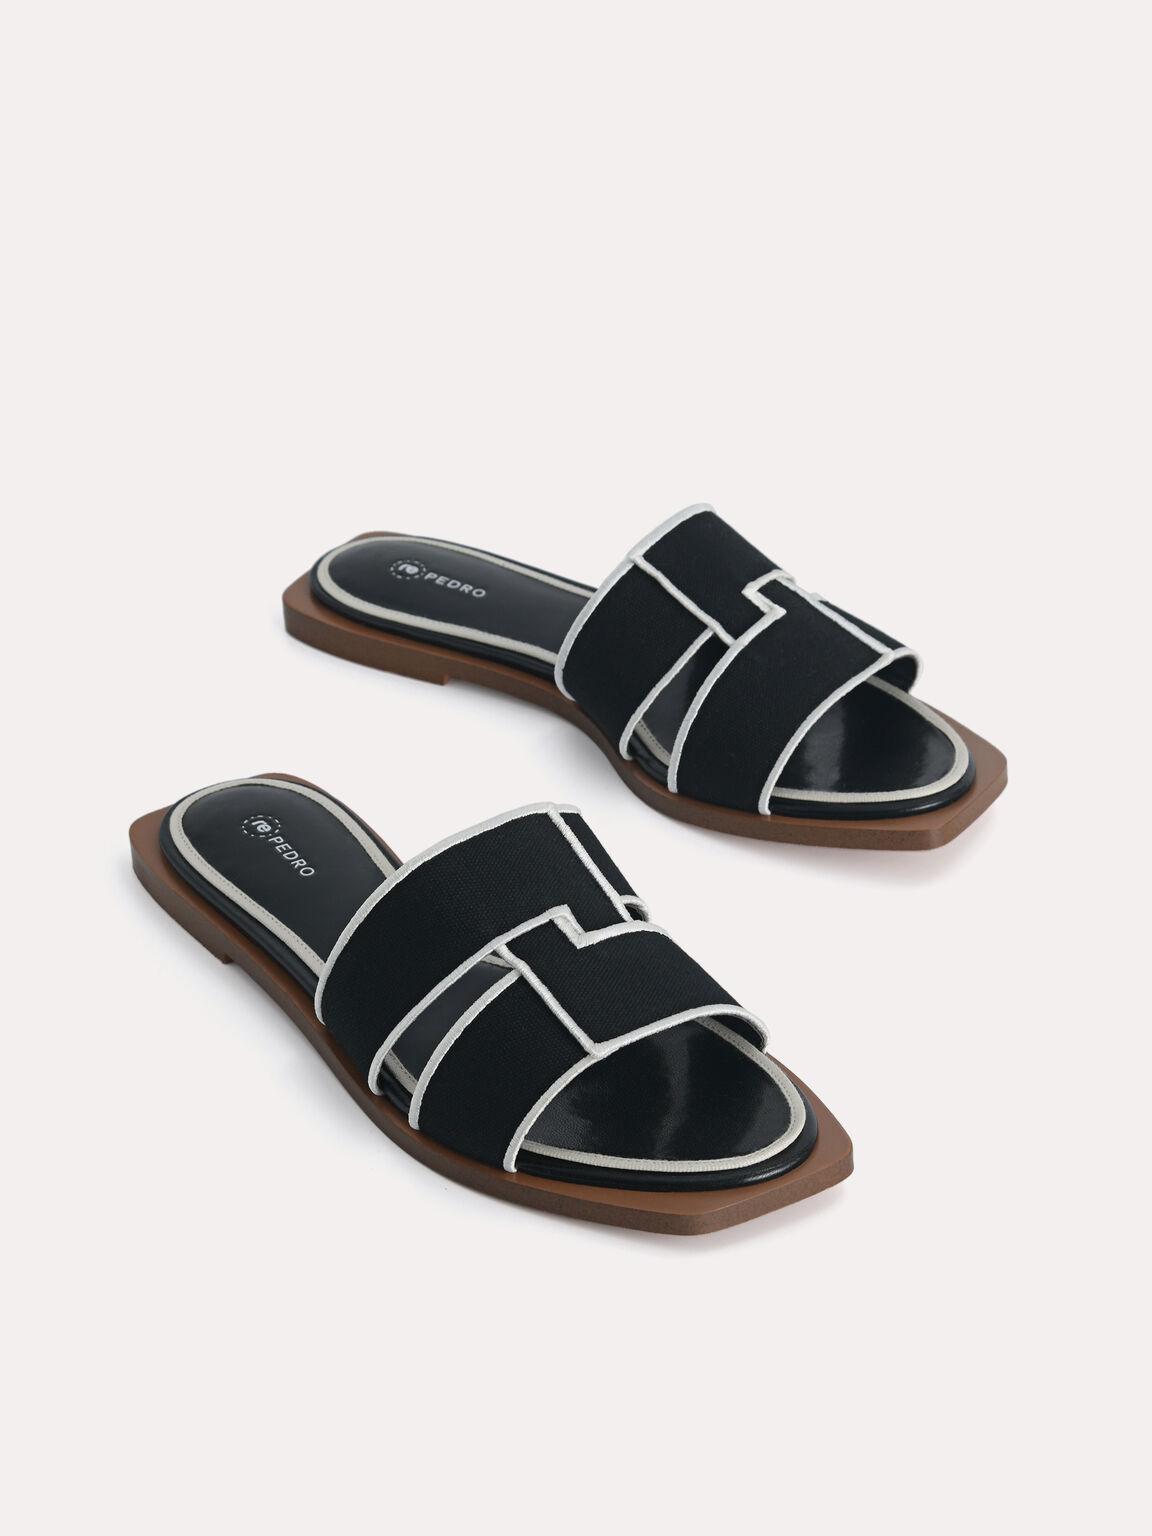 rePEDRO Cross-Strap Sandals, Black, hi-res